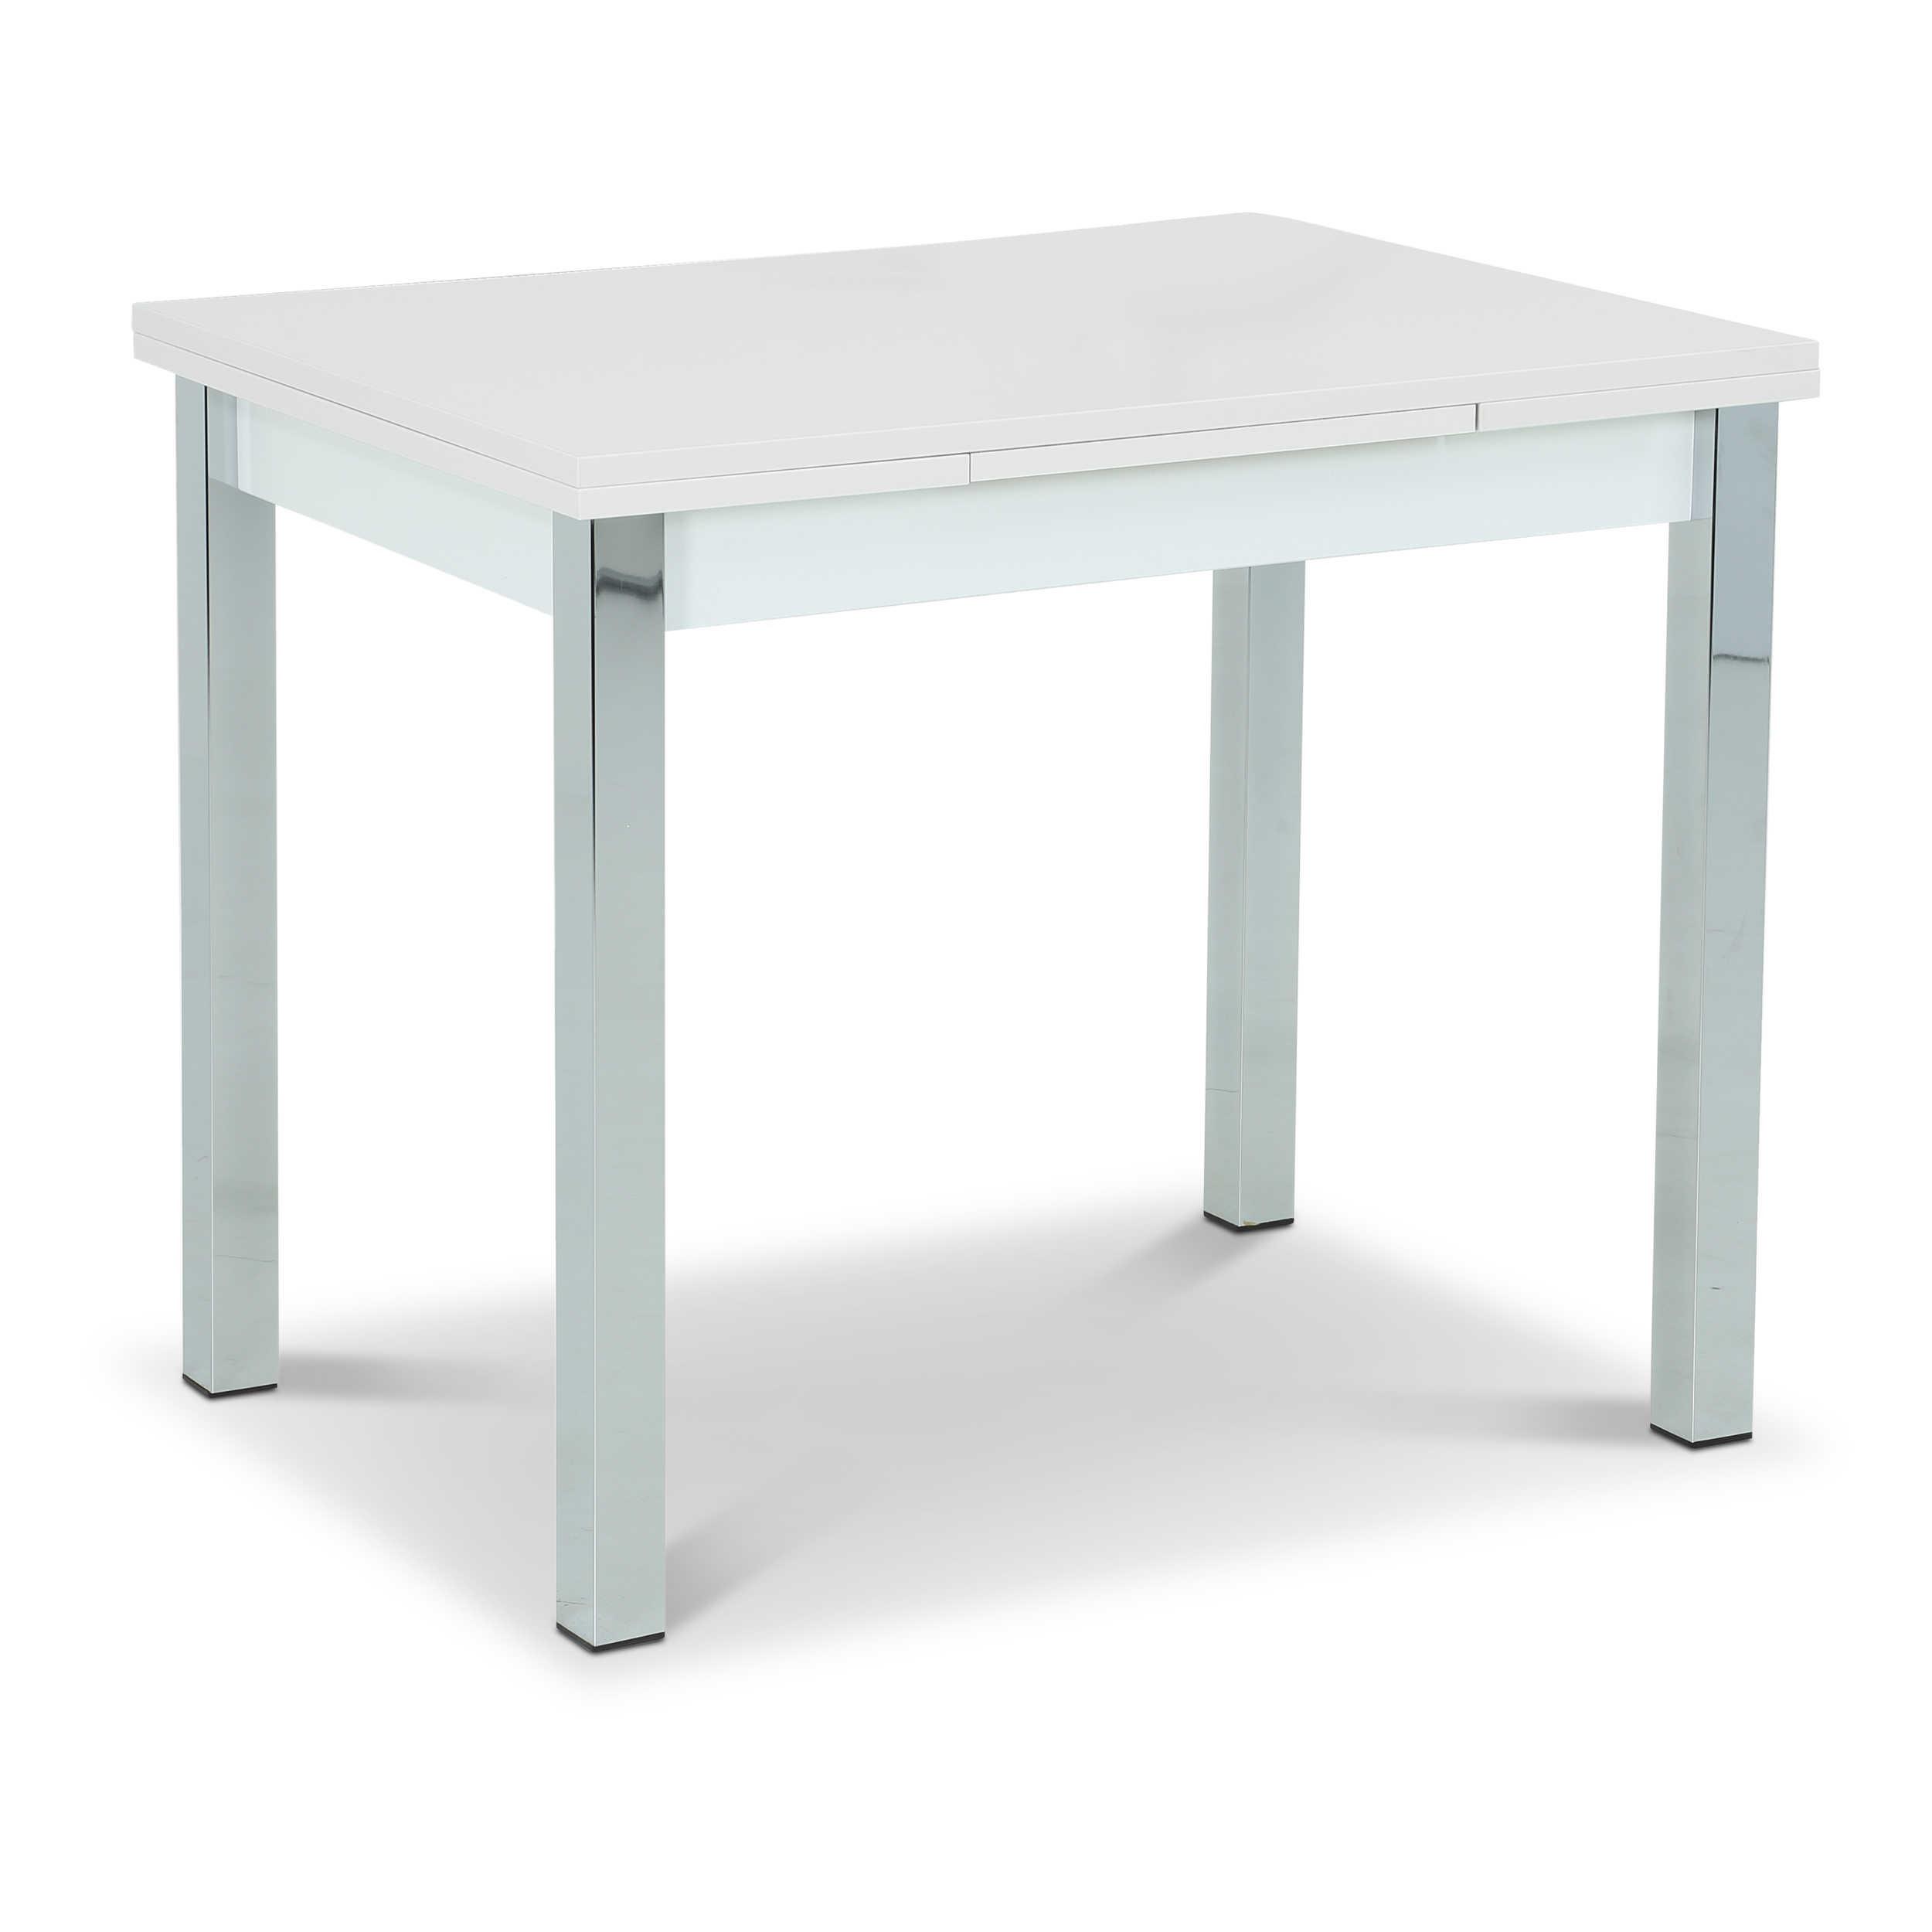 hela esstisch mit auszug berlin 120 196 x 80 cm wei online kaufen bei woonio. Black Bedroom Furniture Sets. Home Design Ideas